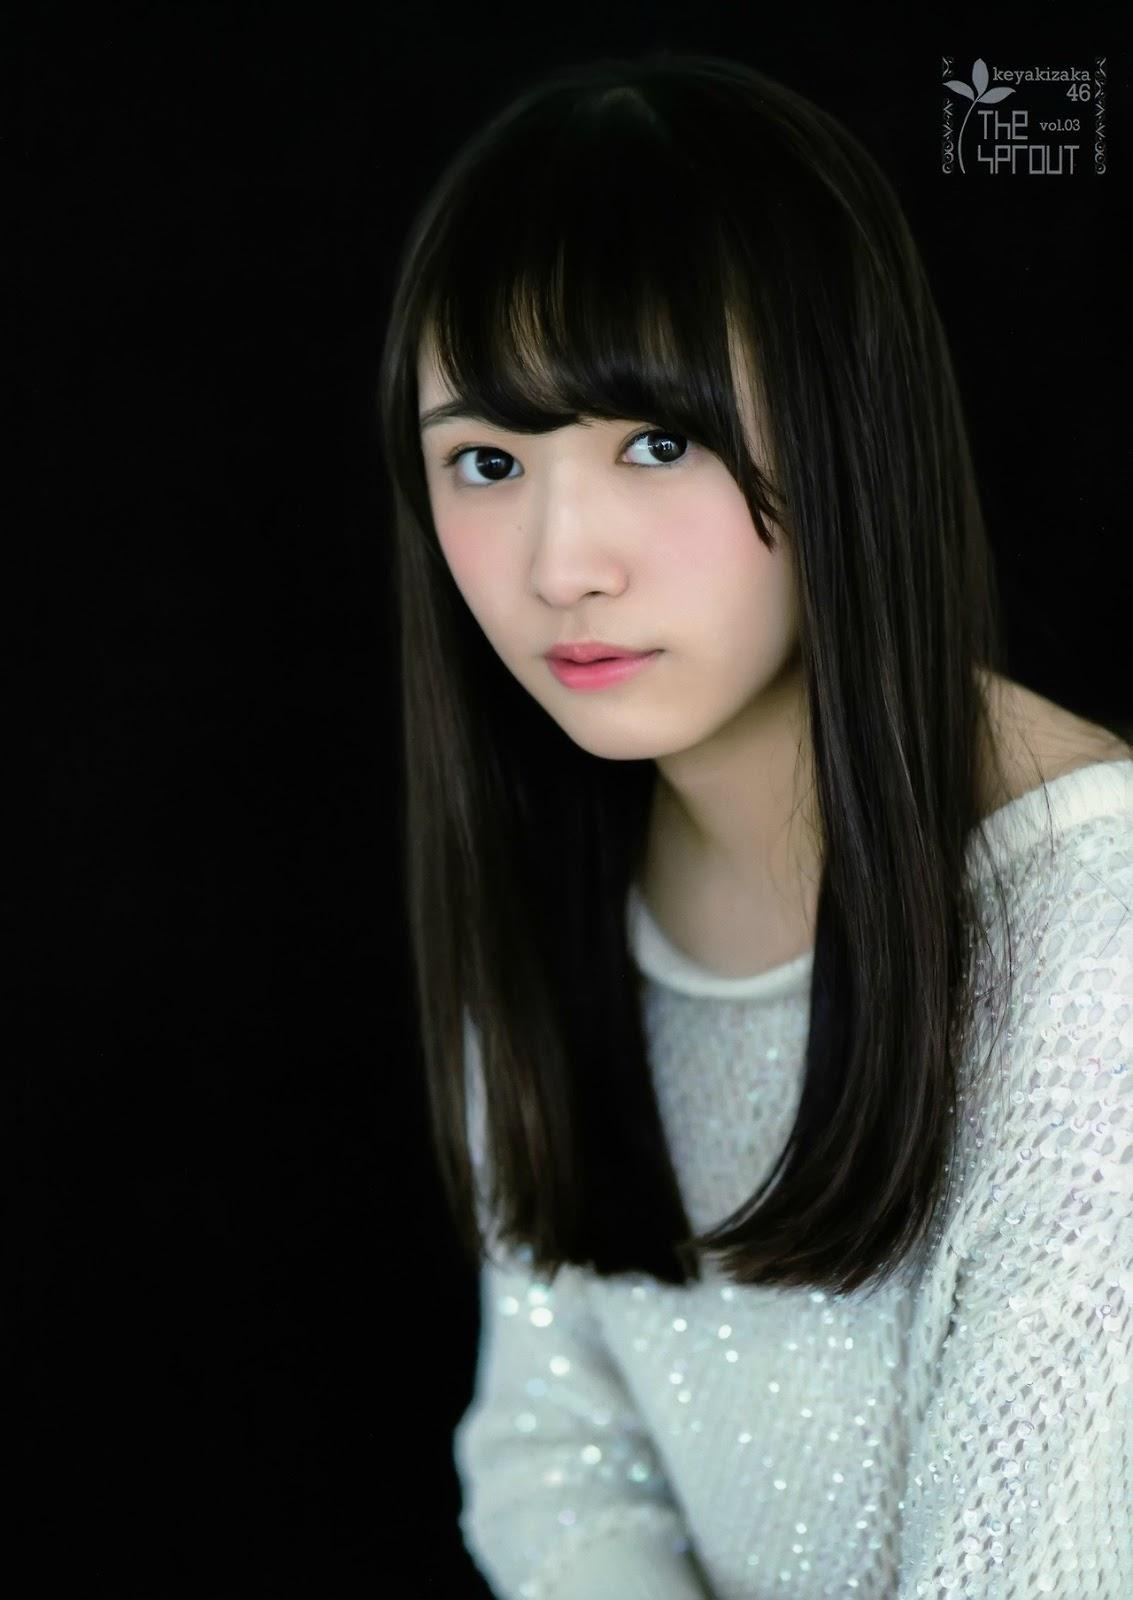 欅坂46渡辺梨加の写真集水着グラビア&アイコラエロ画像97枚・38枚目の画像